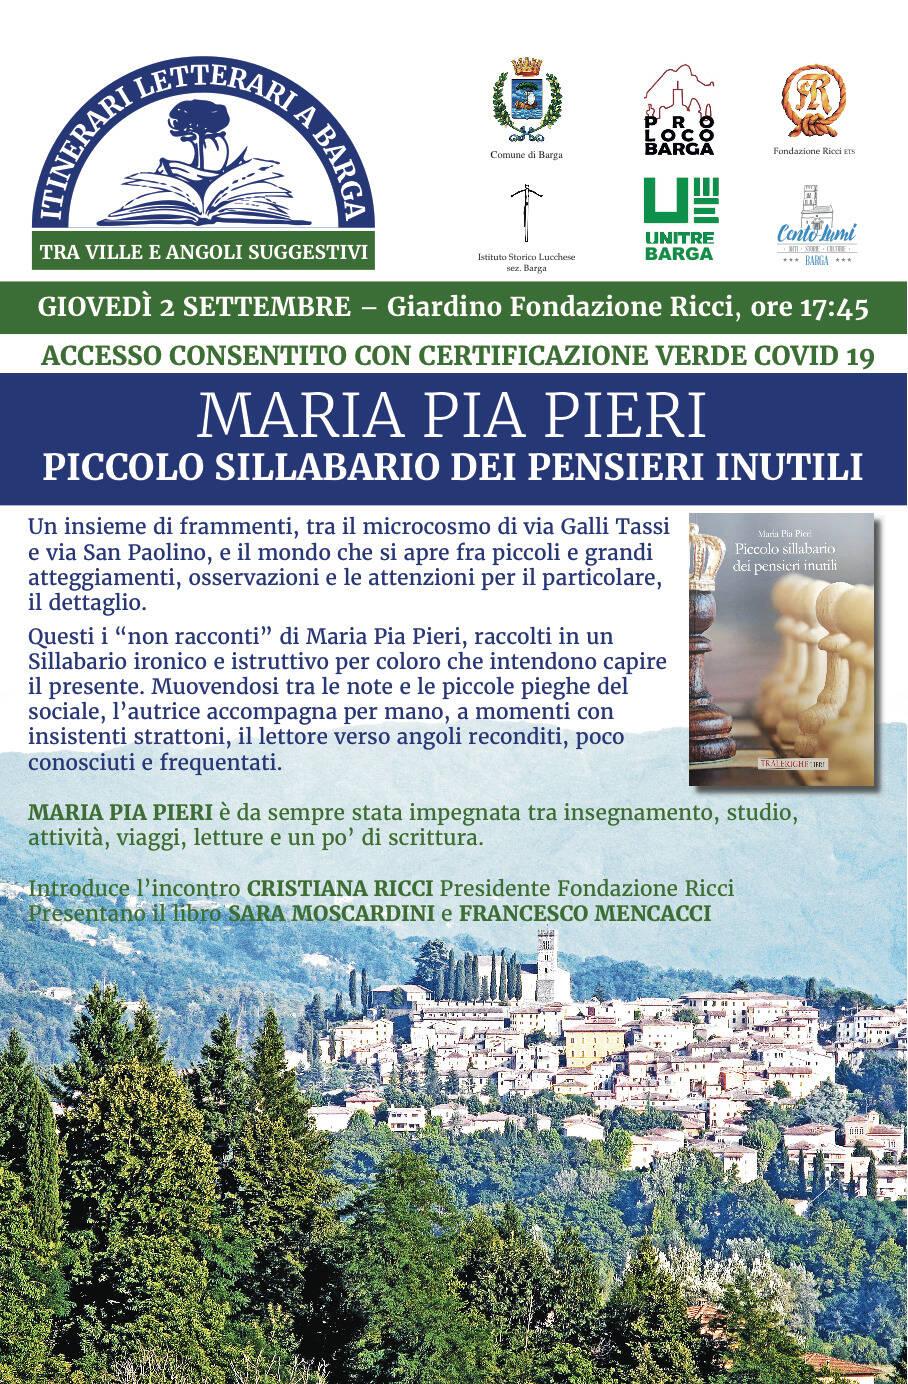 Presentazione libro Piccolo sillabario dei pensieri inutilidi Maria Pia Pieri a Barga